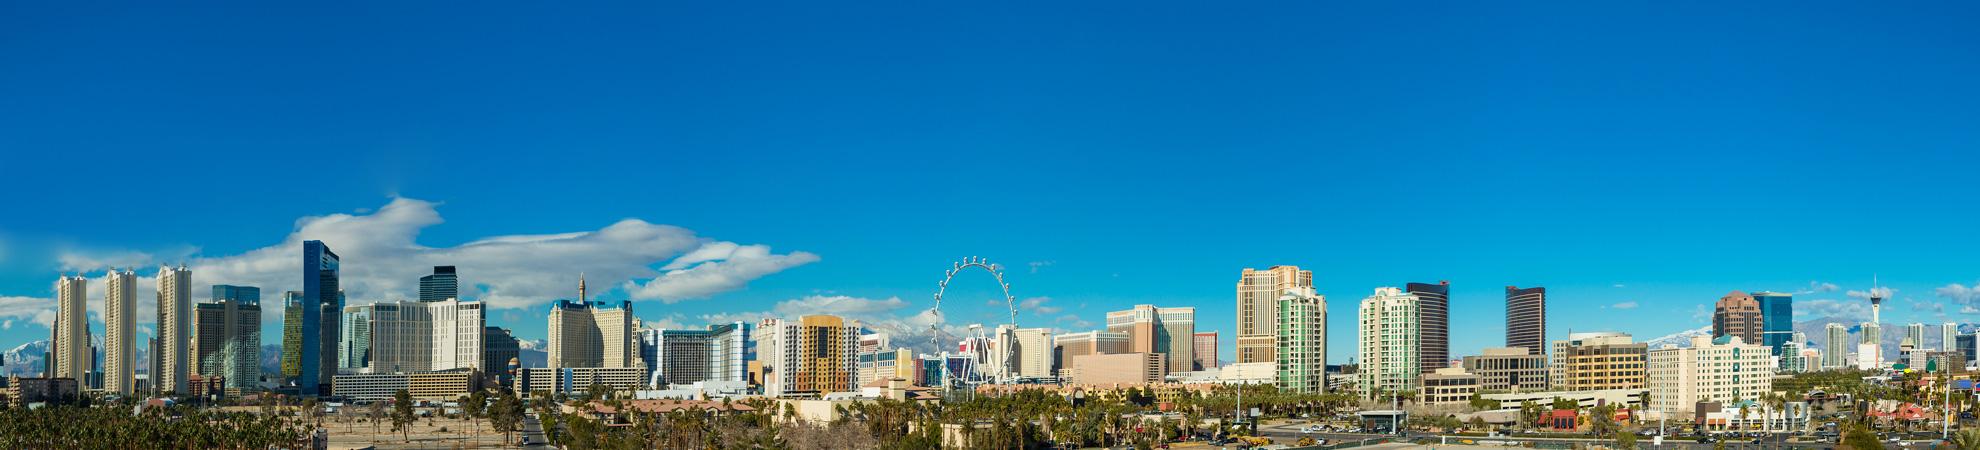 Voyage Los Angeles Las Vegas